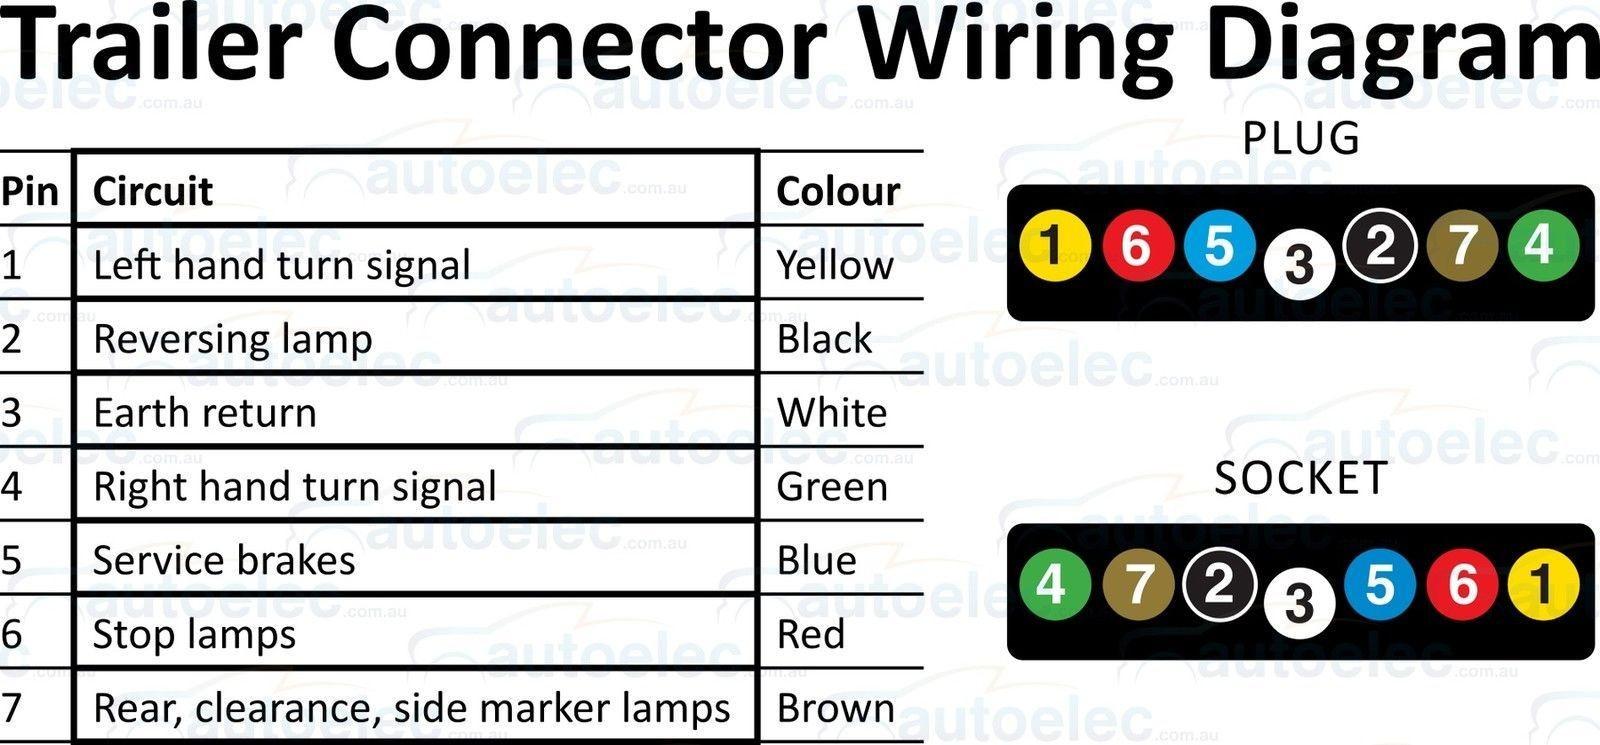 4 wire trailer lights wiring diagram 7 flat wire diagram wiring diagram data  7 flat wire diagram wiring diagram data